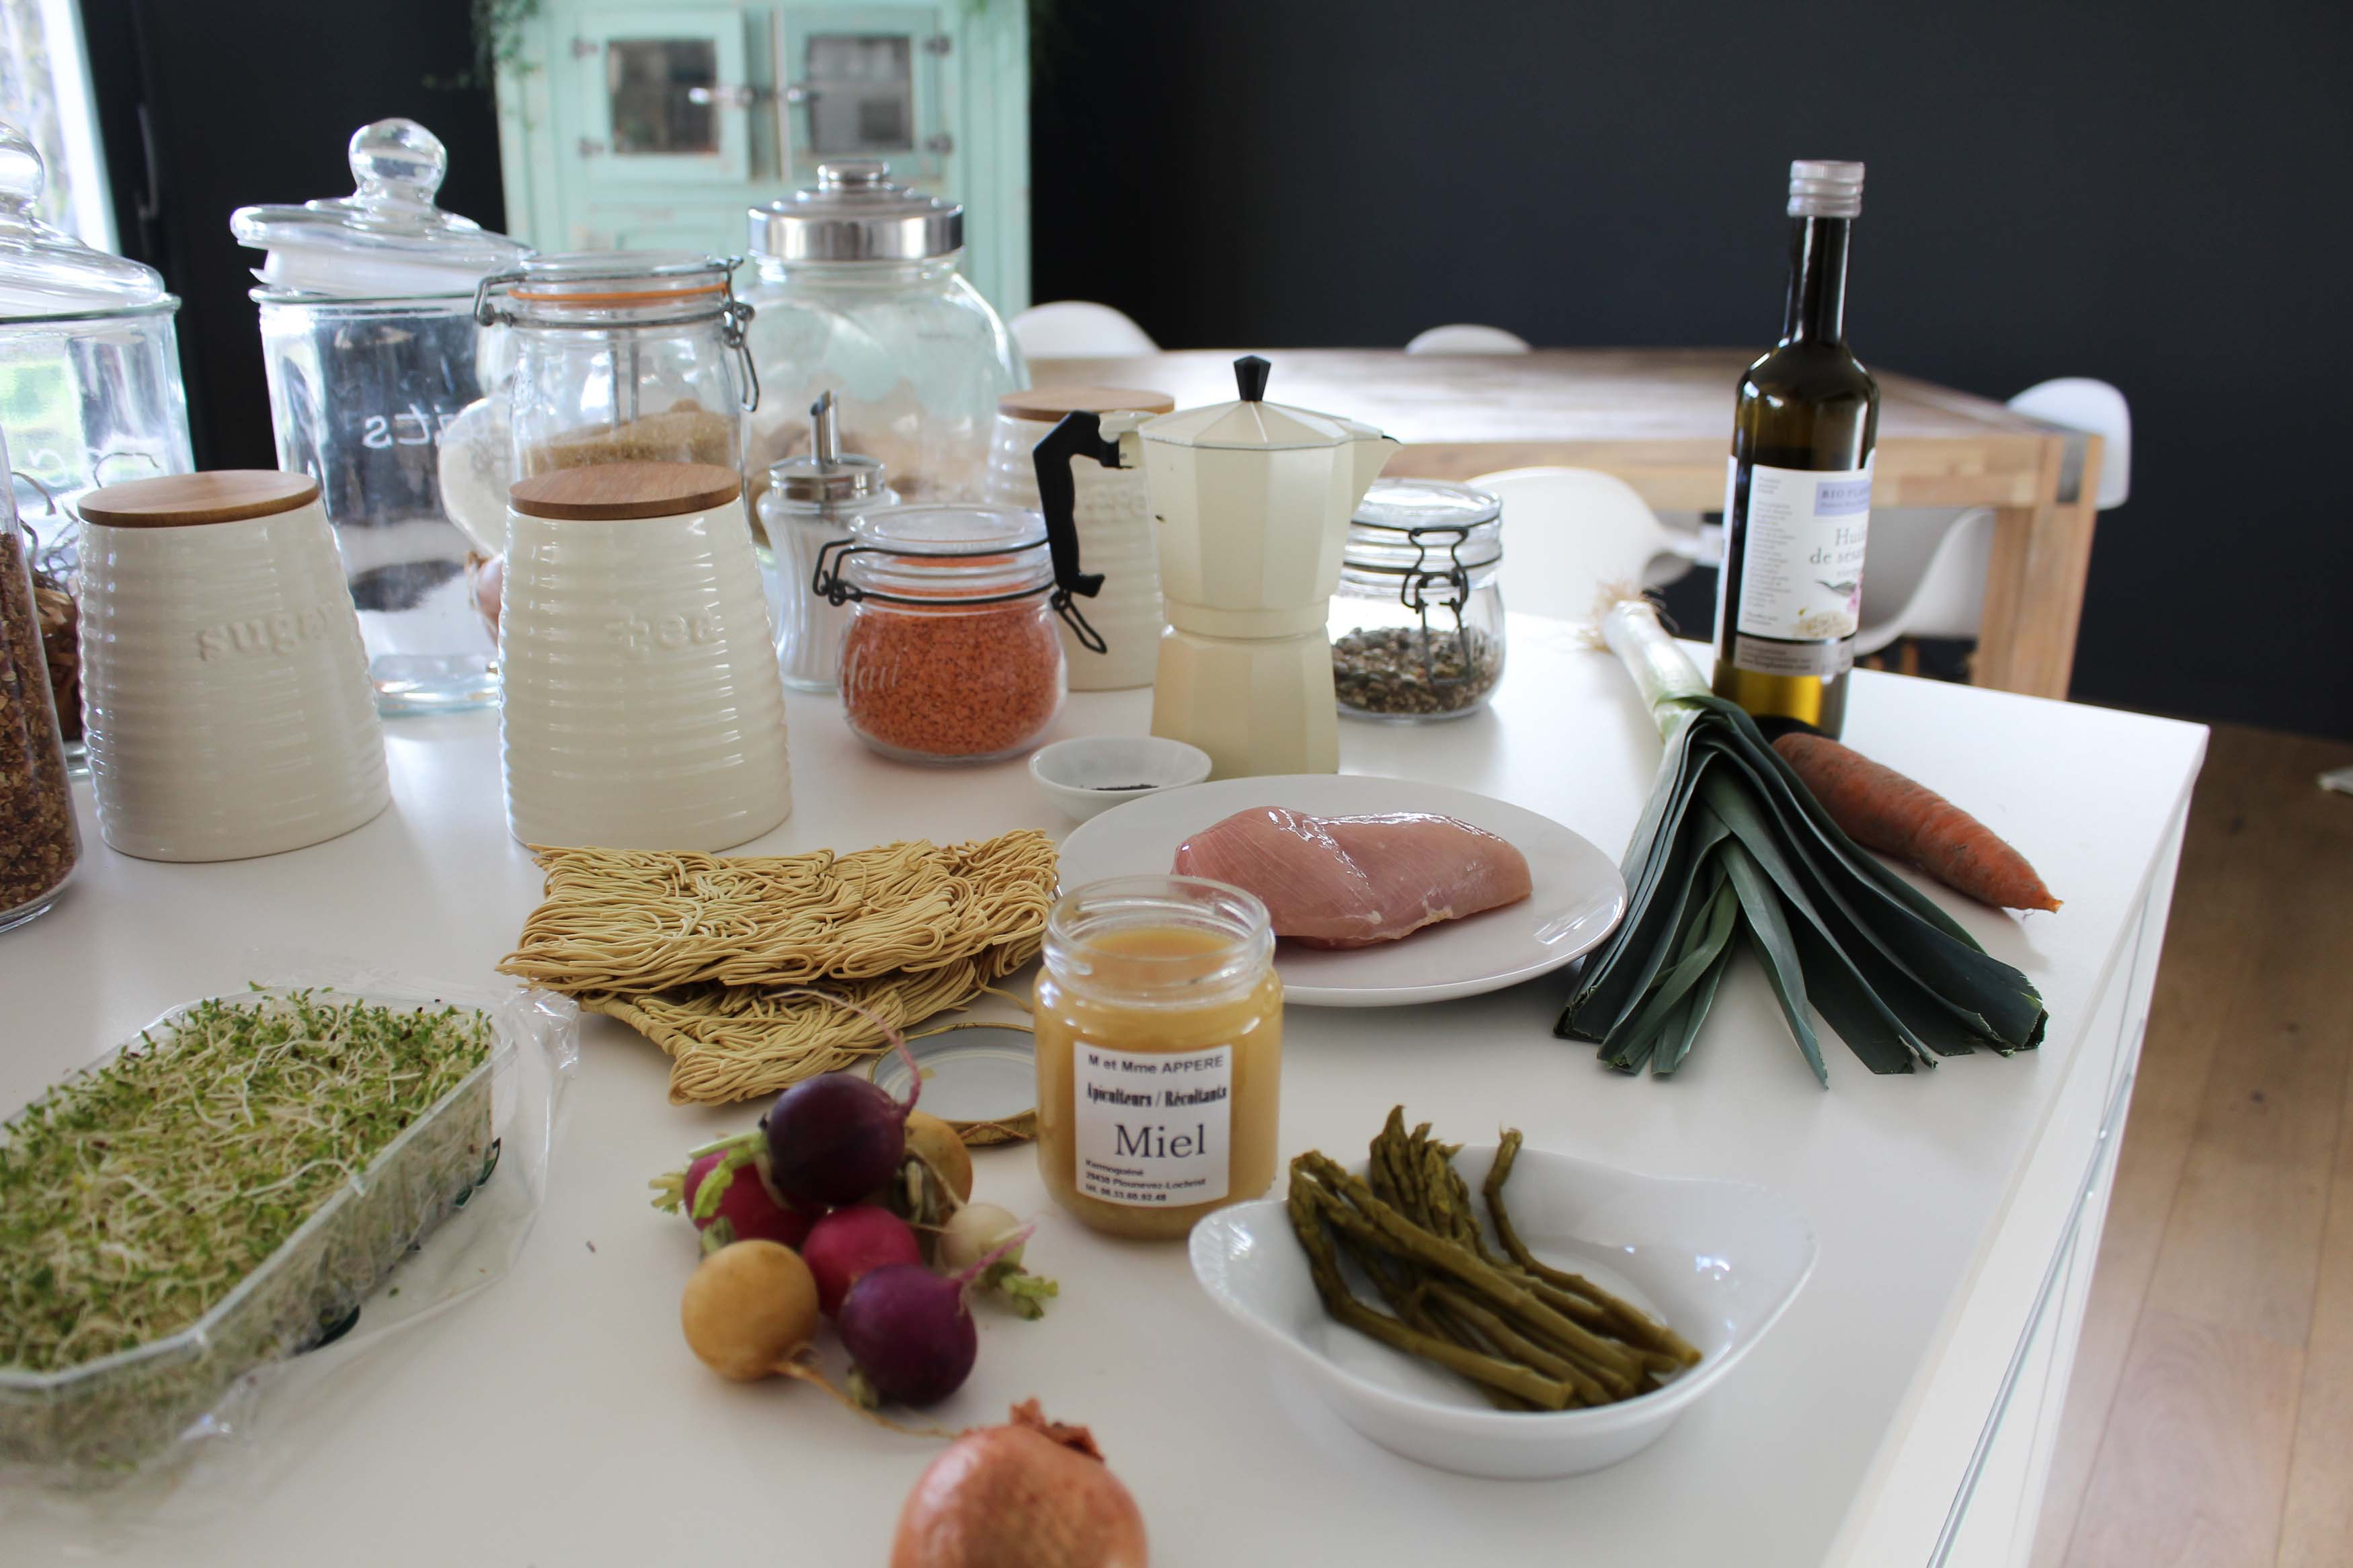 cuisine-westwing-recette-linstantflo-13-sur-27